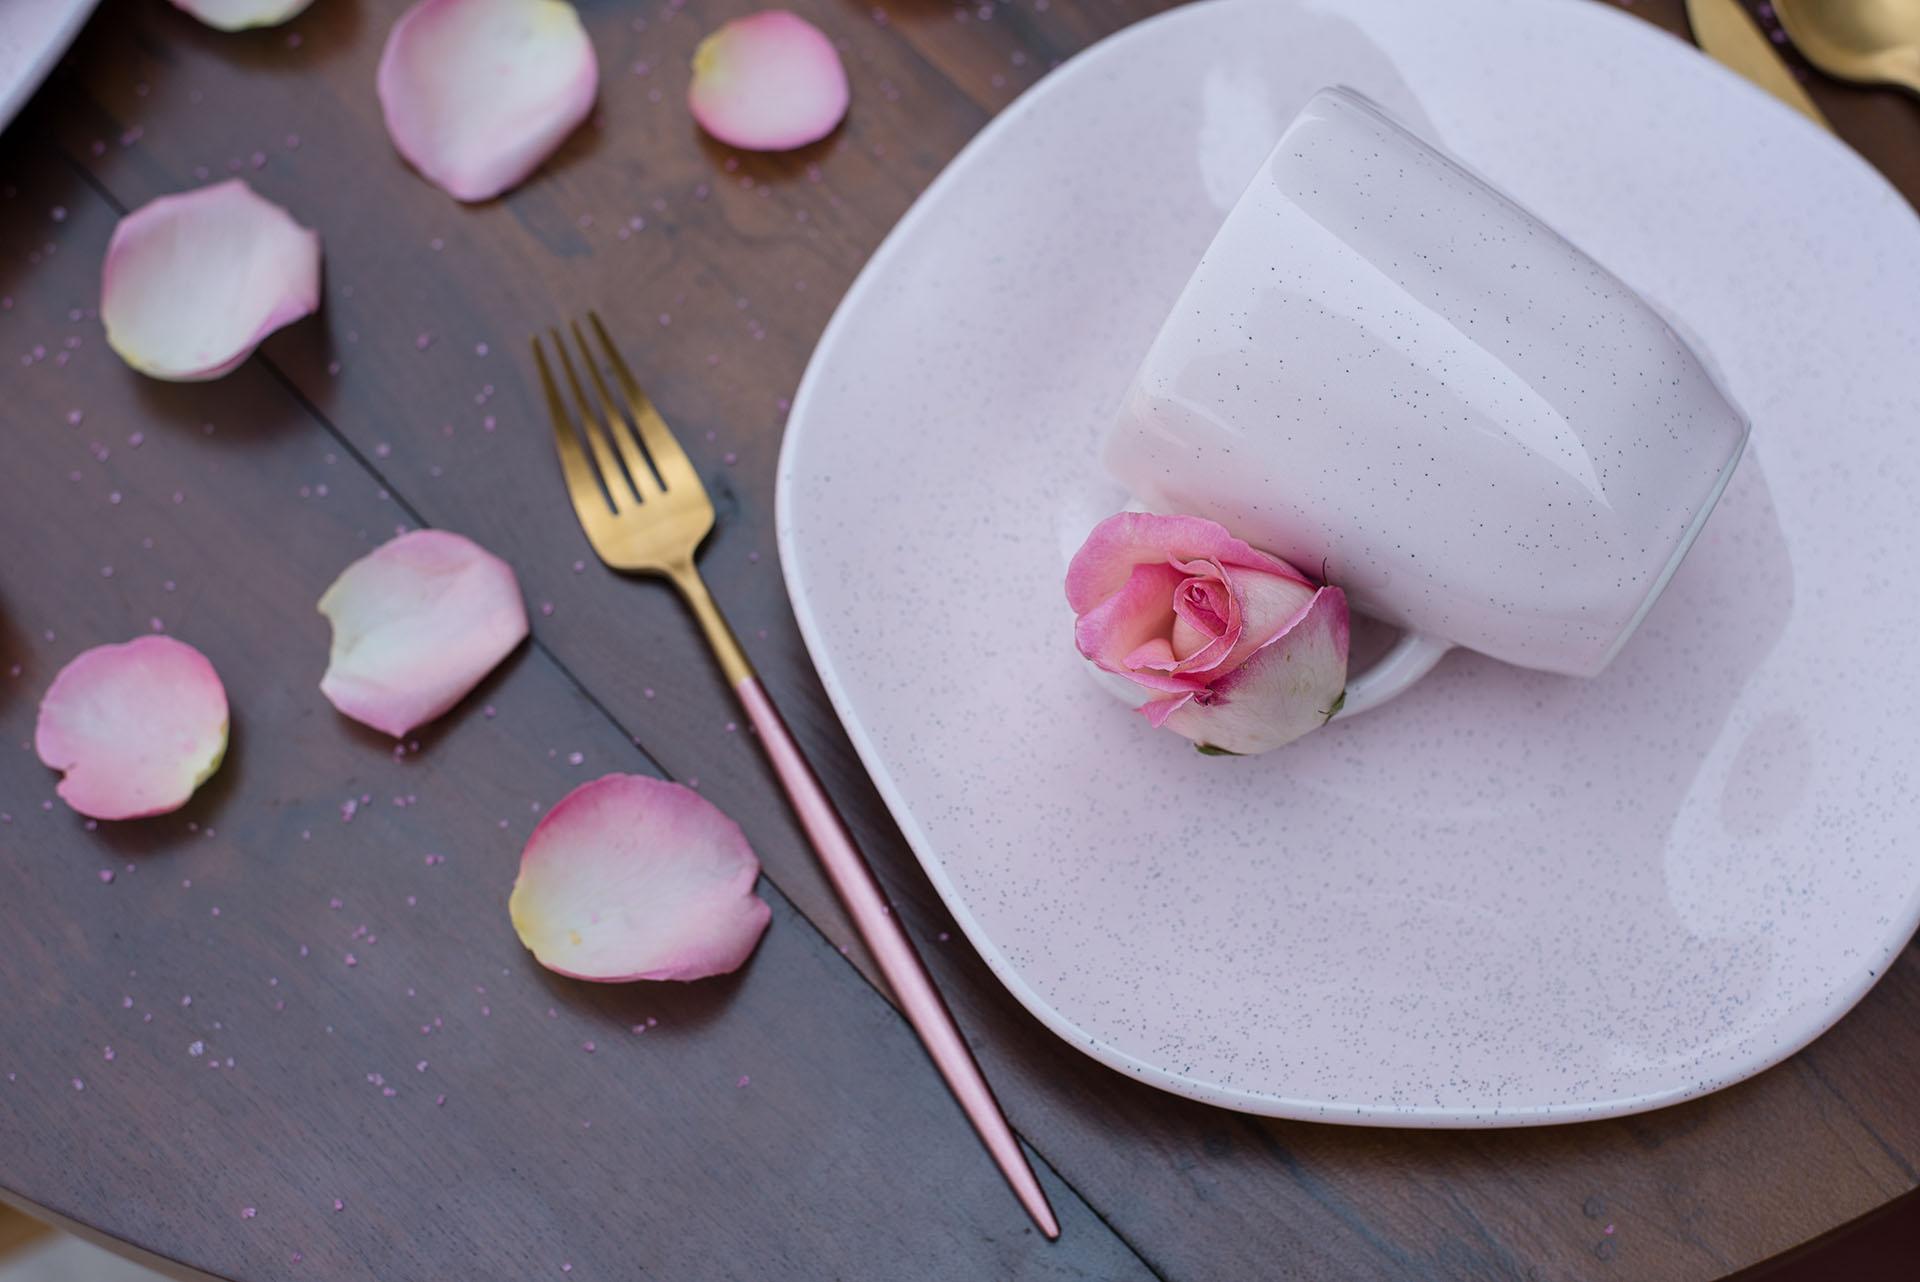 Texto: A técnica da granilha, que são pigmentos de tinta aplicados de forma manual, trazem ainda mais exclusividade às peças. Na foto, o prato de sobremesa e caneca da coleção Ryo Pink Sand. Foto: Karla Rudnick.